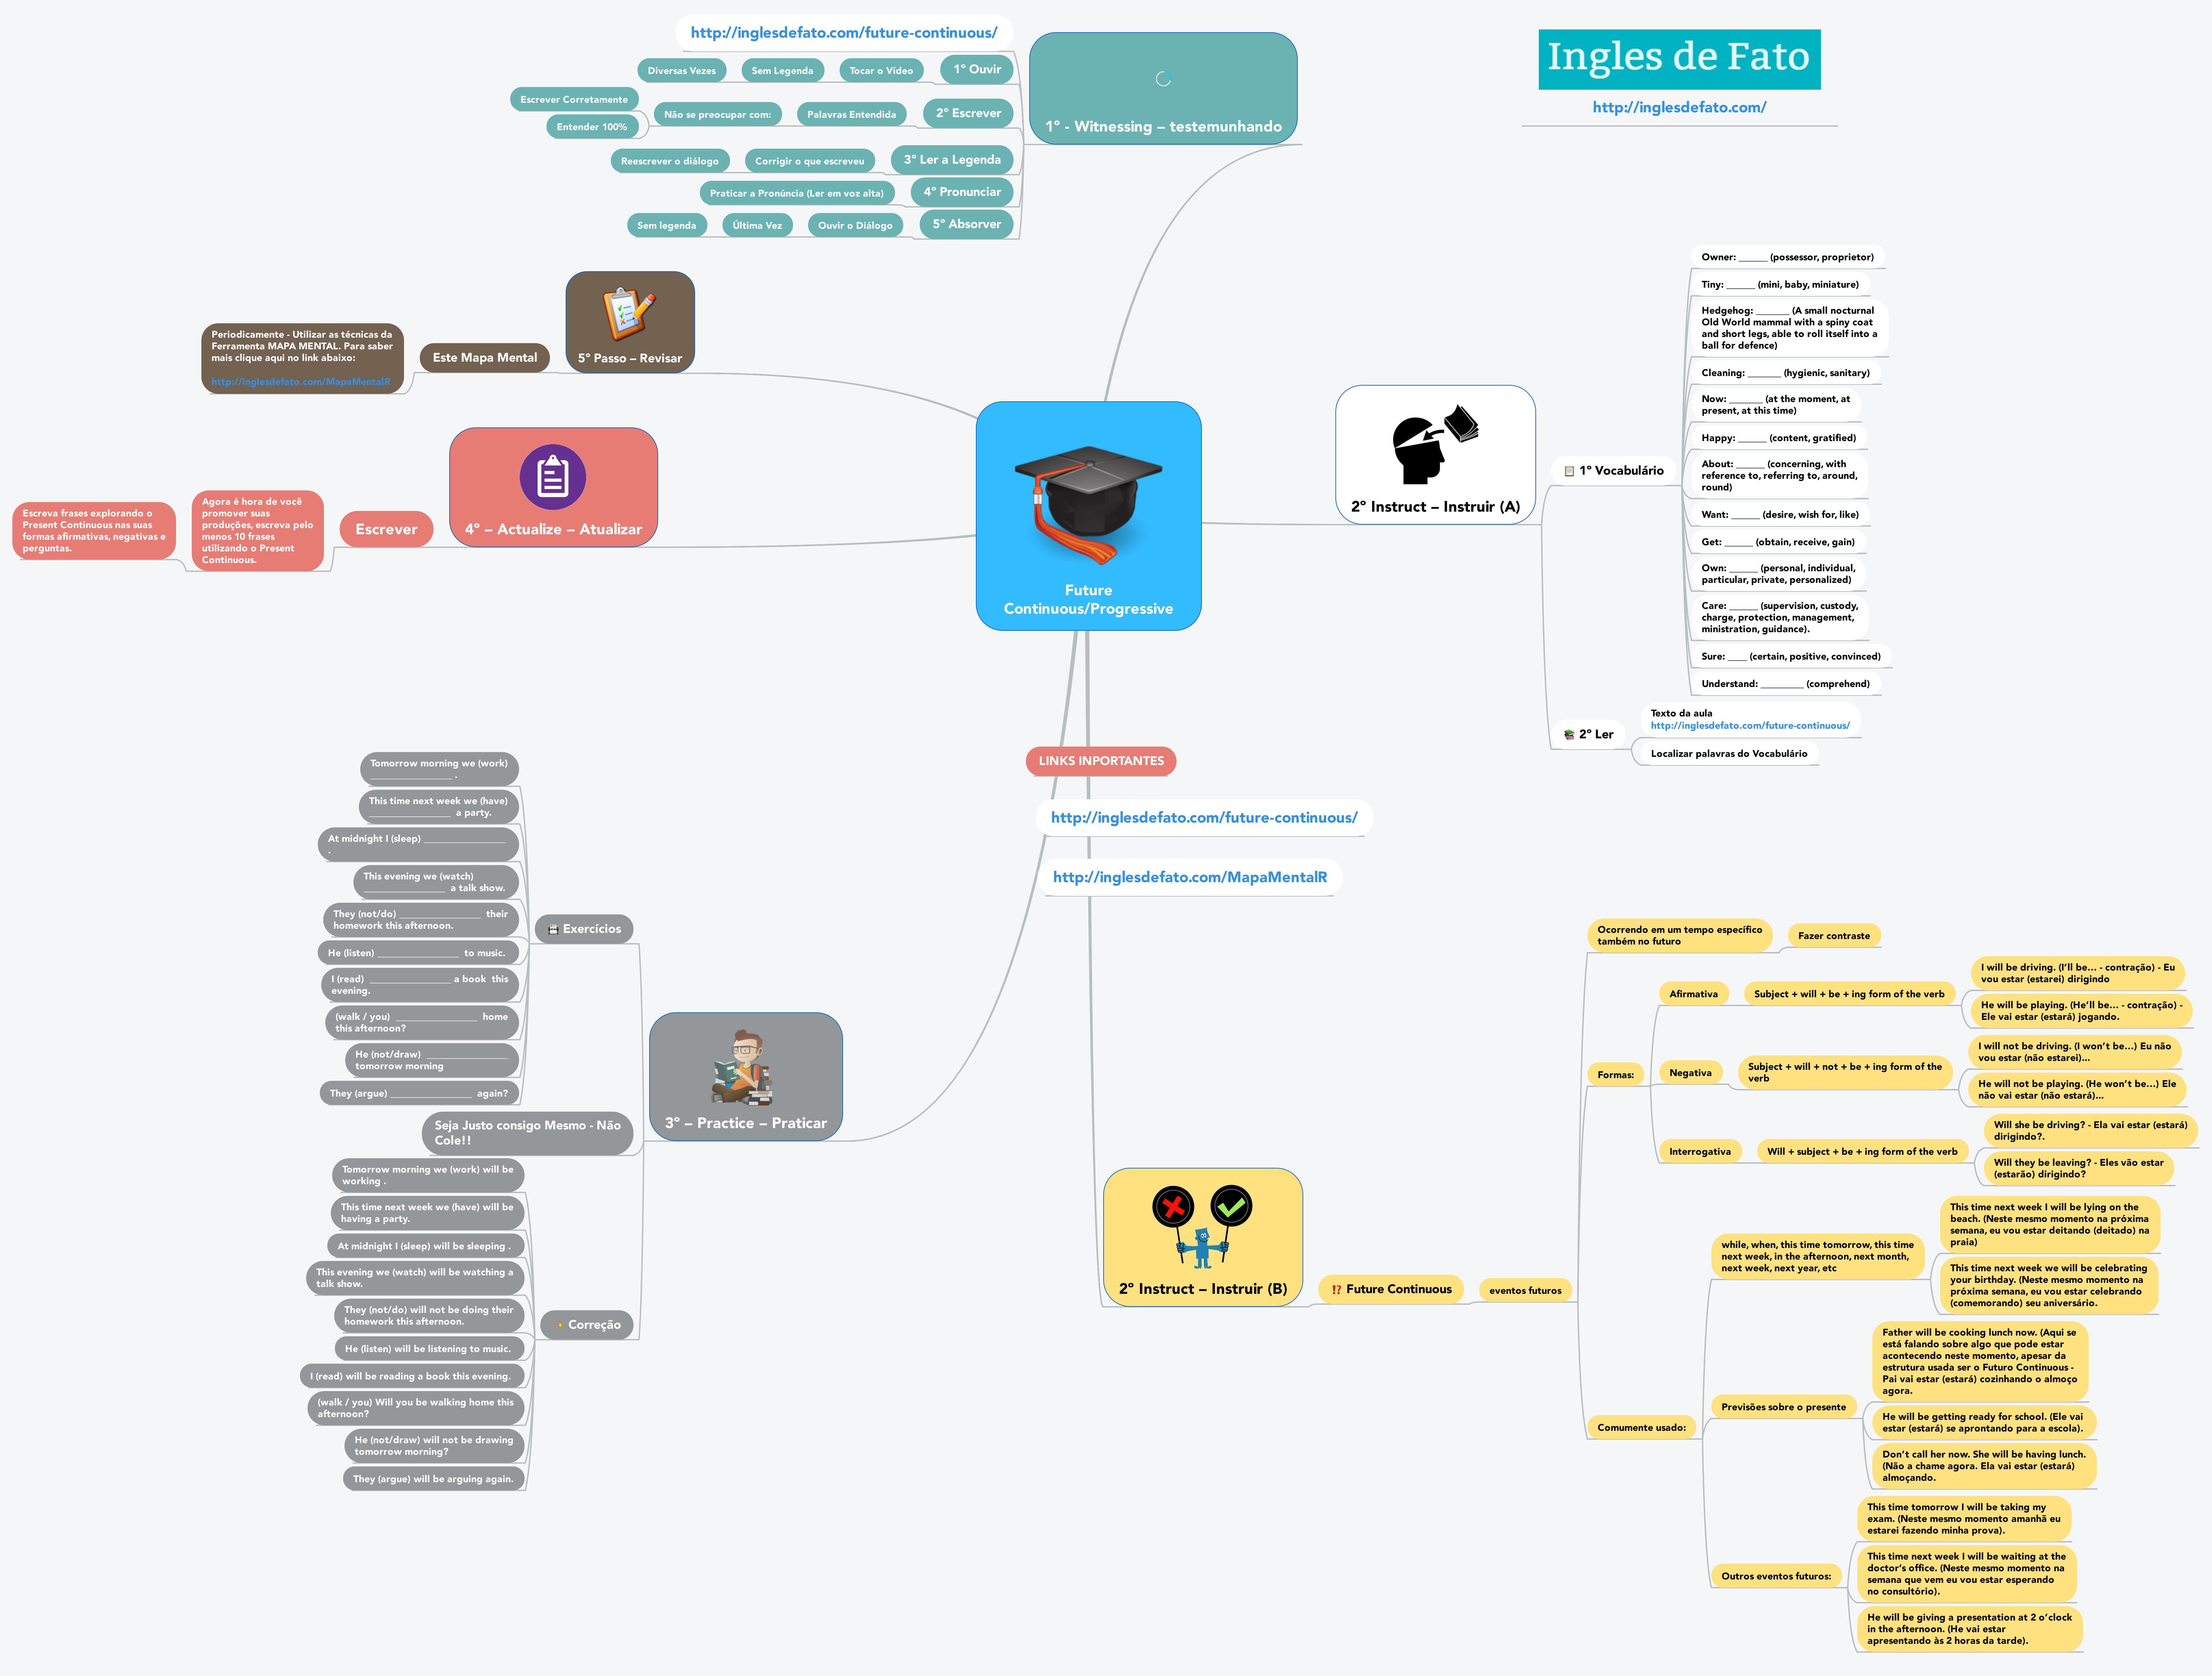 Aprender Inglês - Mapa Mental do Future Continuous - CLIQUE NA IMAGEM PARA AUMENTAR O TAMANHO